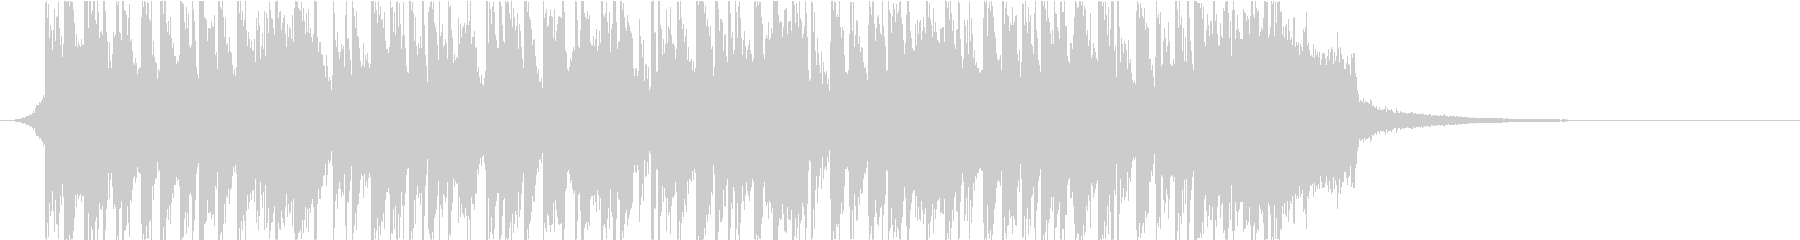 ビッグバンド風オープニングの未再生の波形